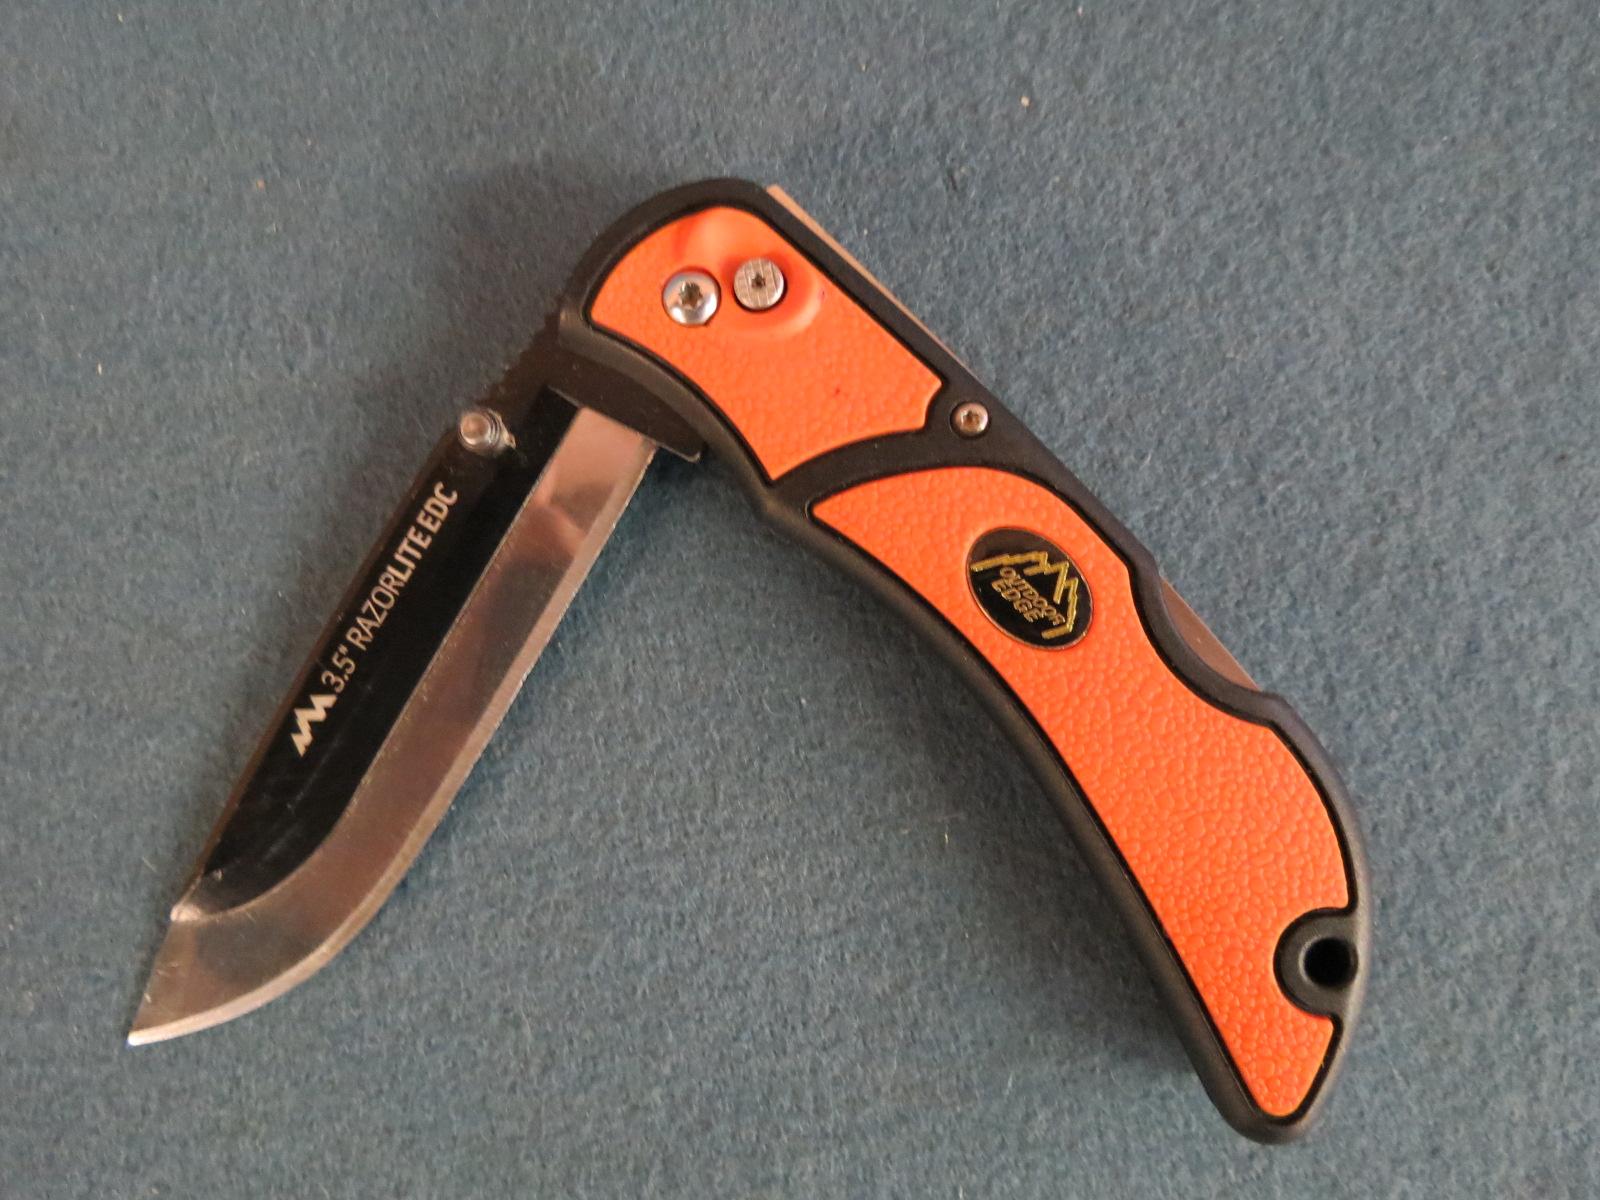 RazorLite Knives